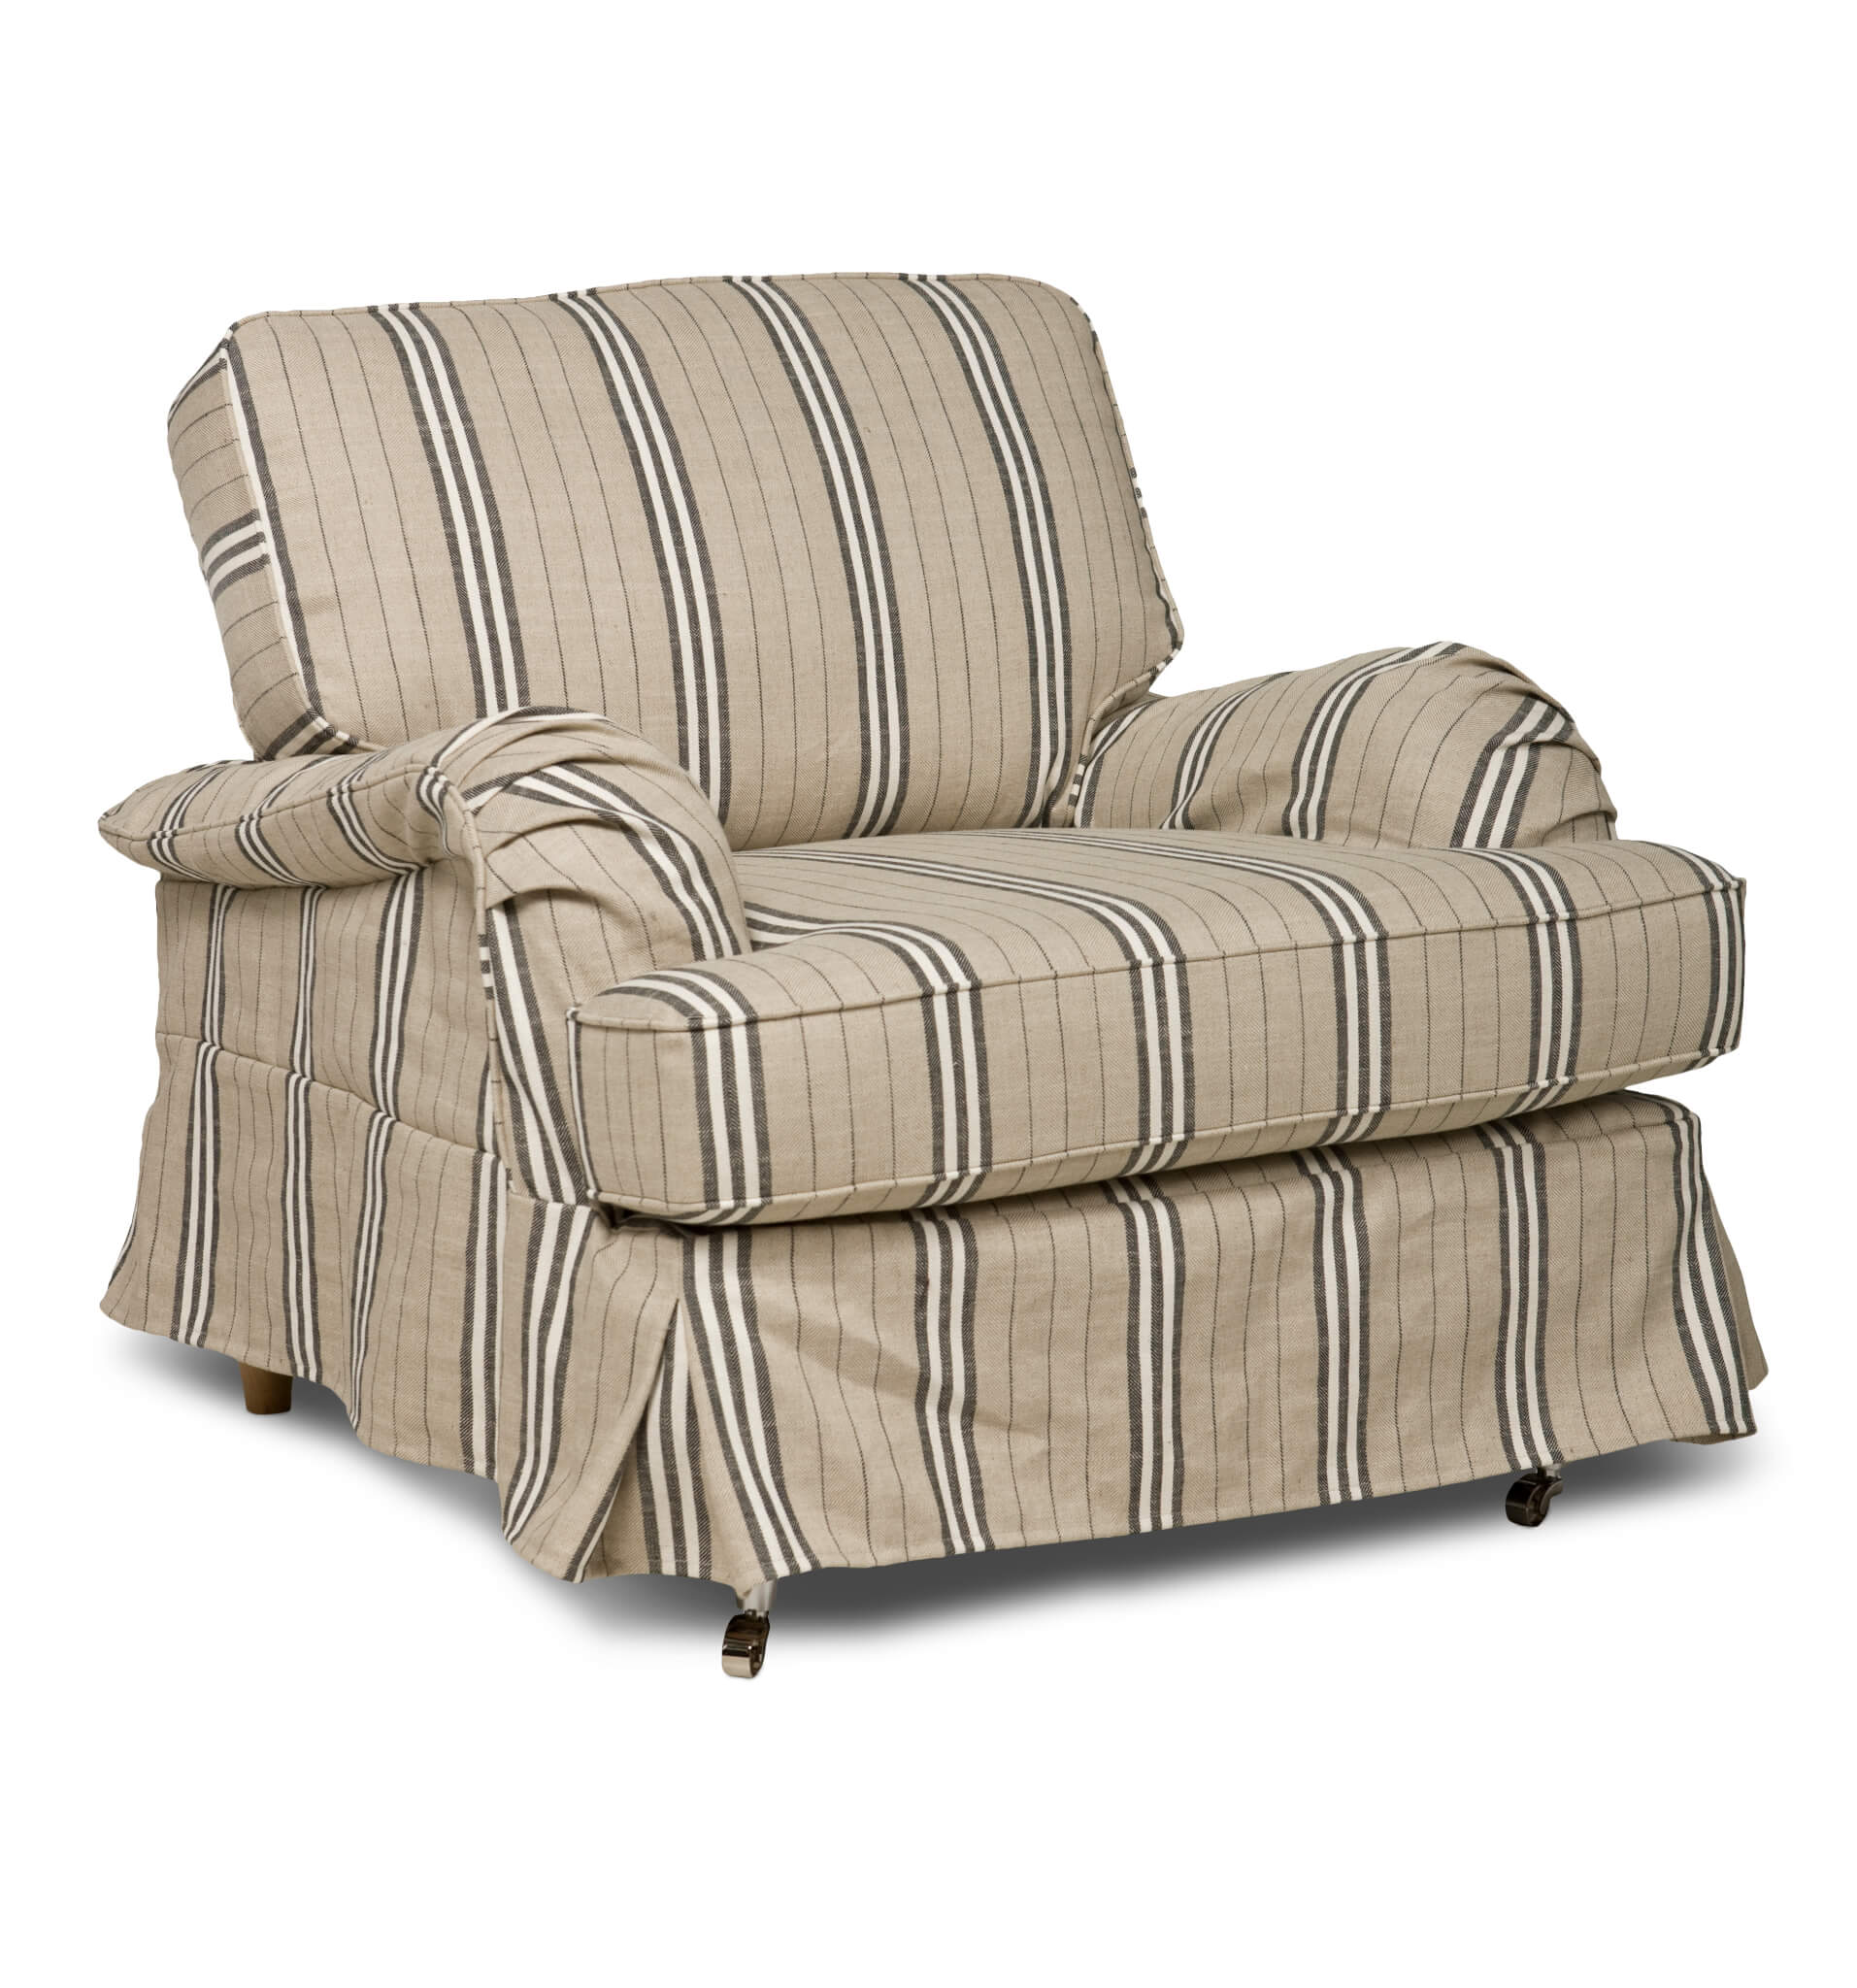 sessel birmingham mit husse ph nix sch ner leben. Black Bedroom Furniture Sets. Home Design Ideas